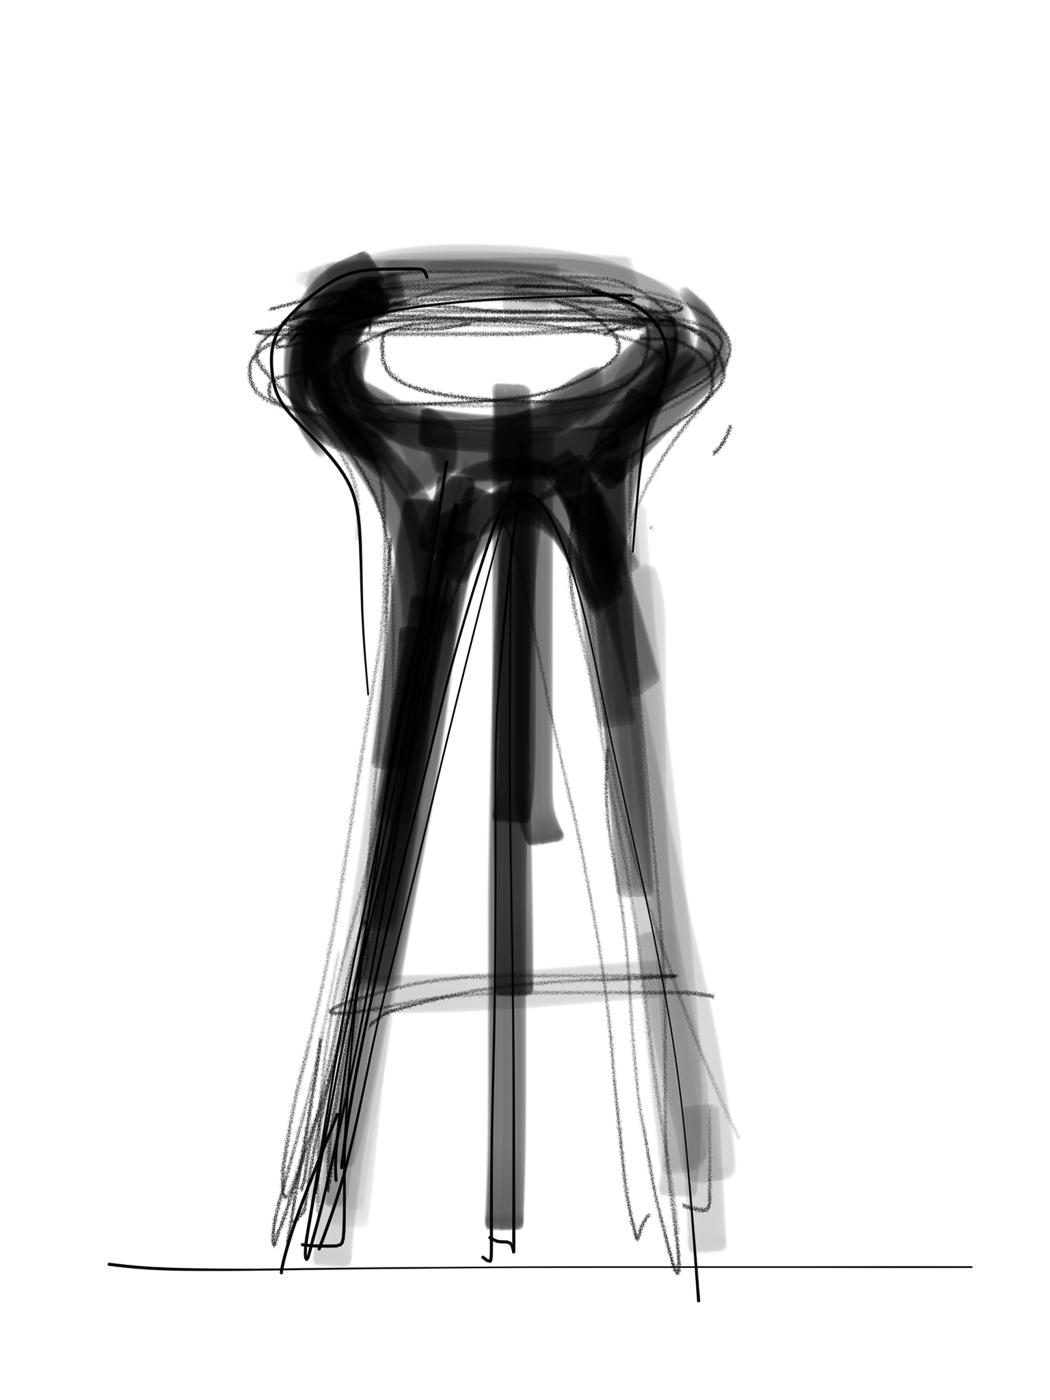 Sketch-507.jpg